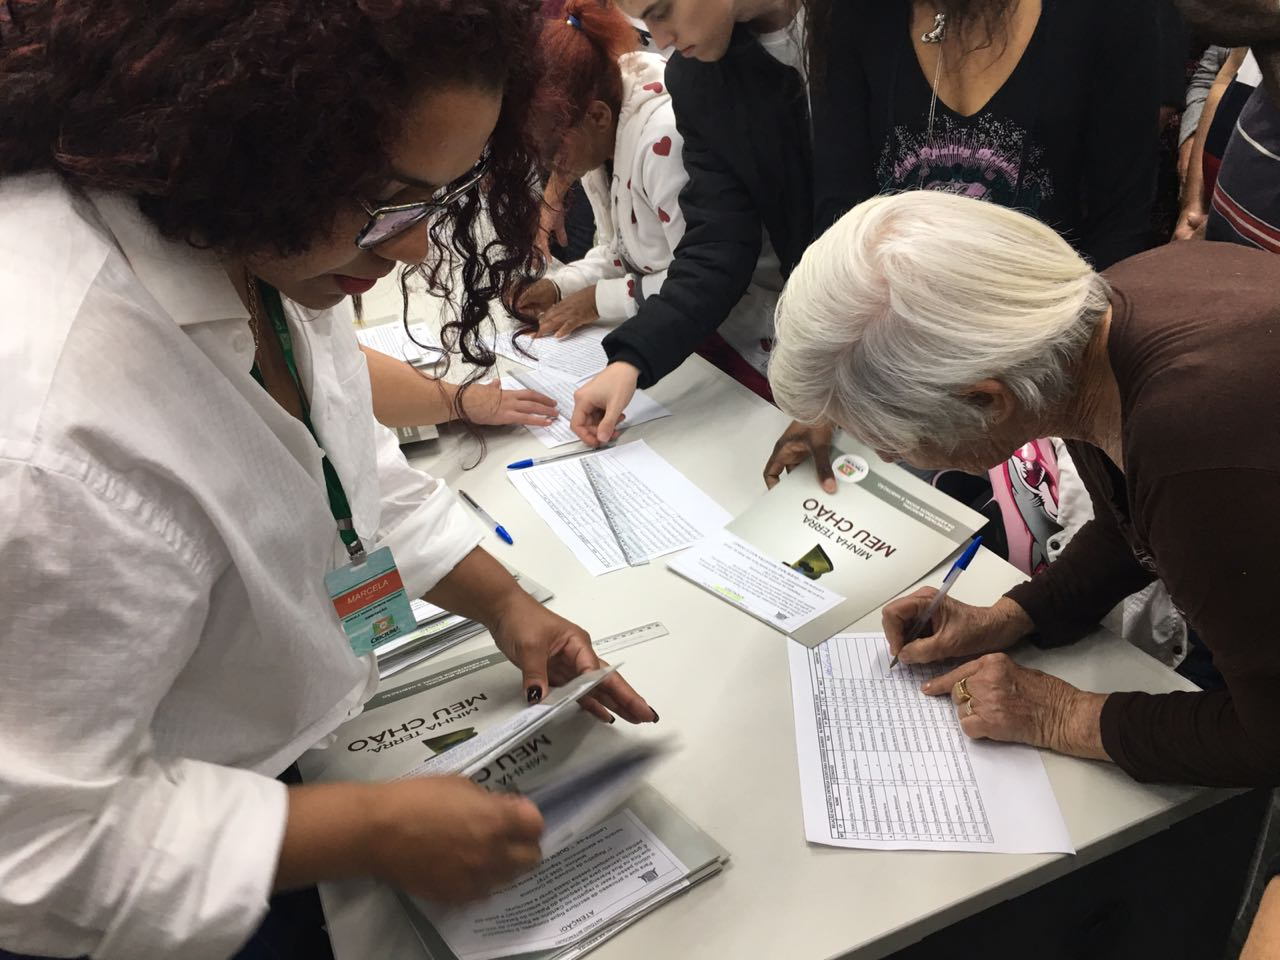 Prefeitura entrega escrituras de 80 imóveis nesta segunda-feira